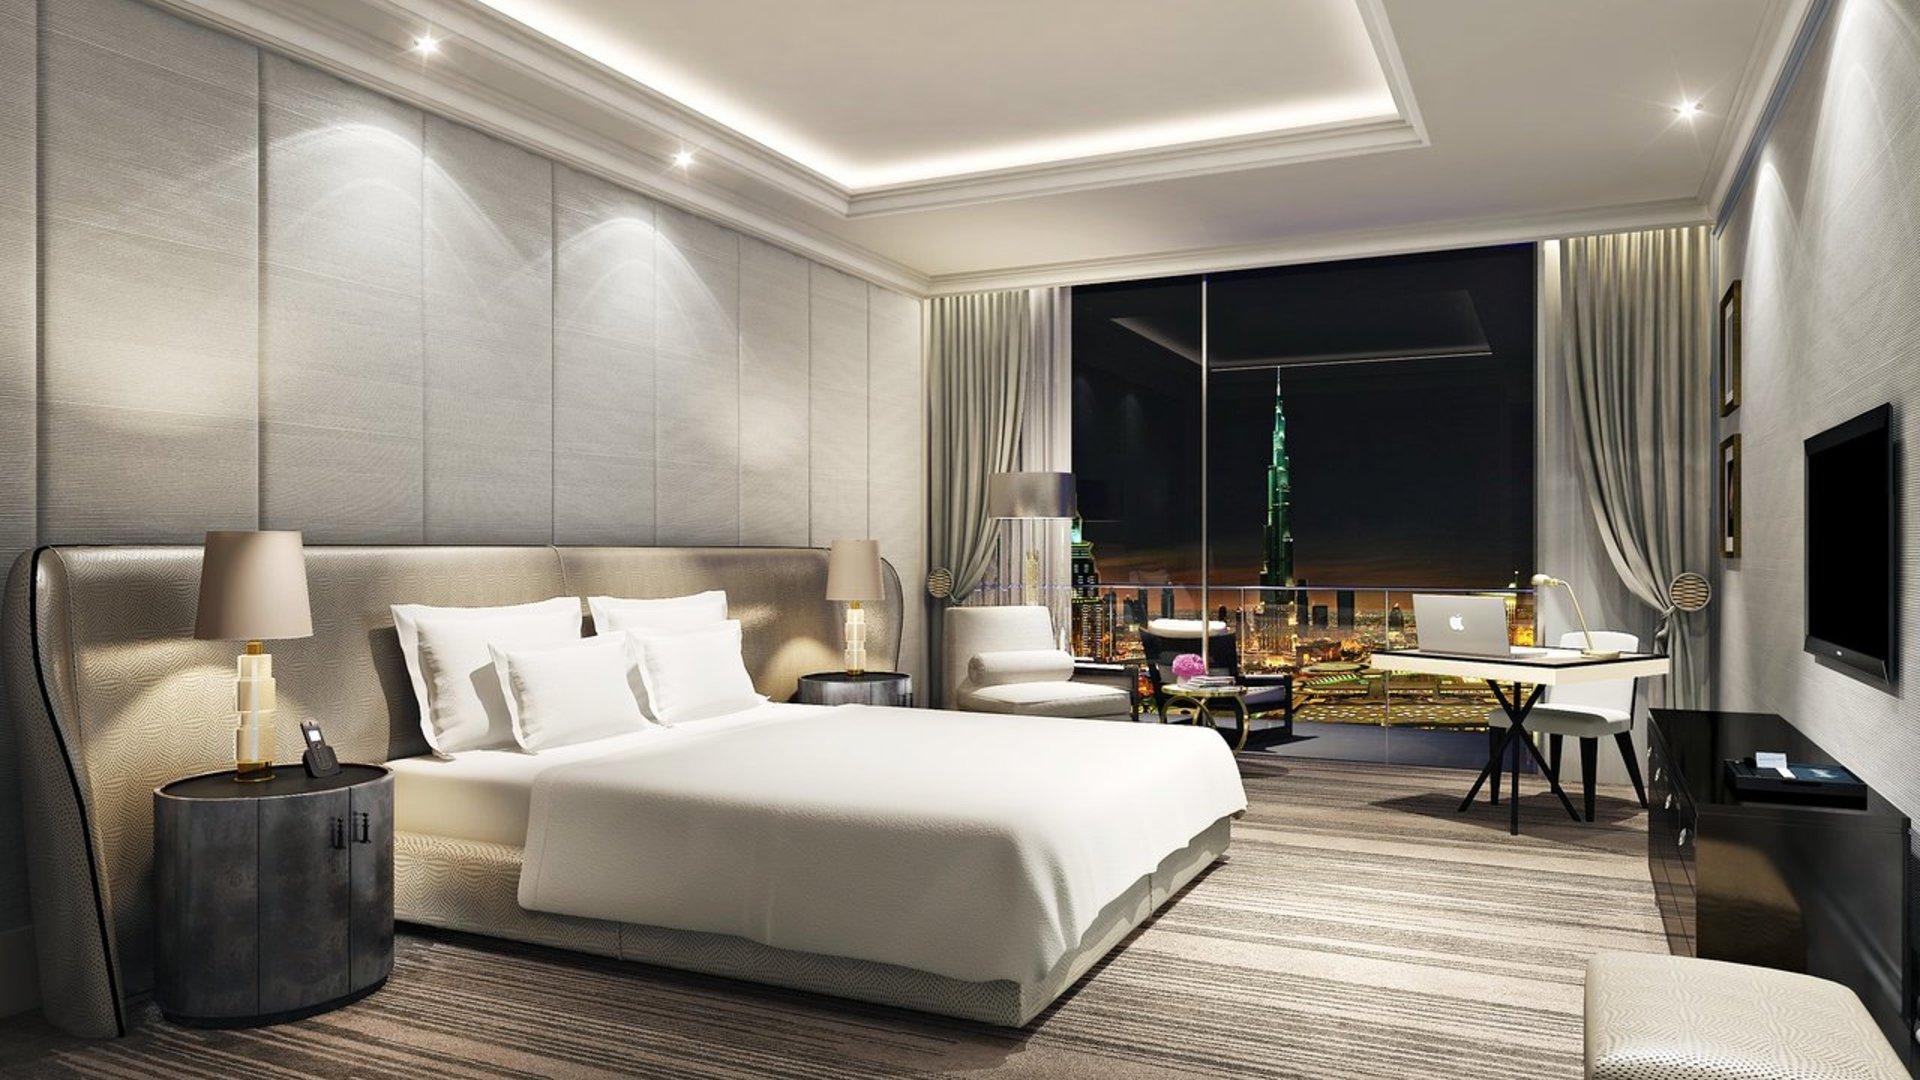 Apartment for sale in Dubai, UAE, 1 bedroom, 78 m2, No. 24089 – photo 1